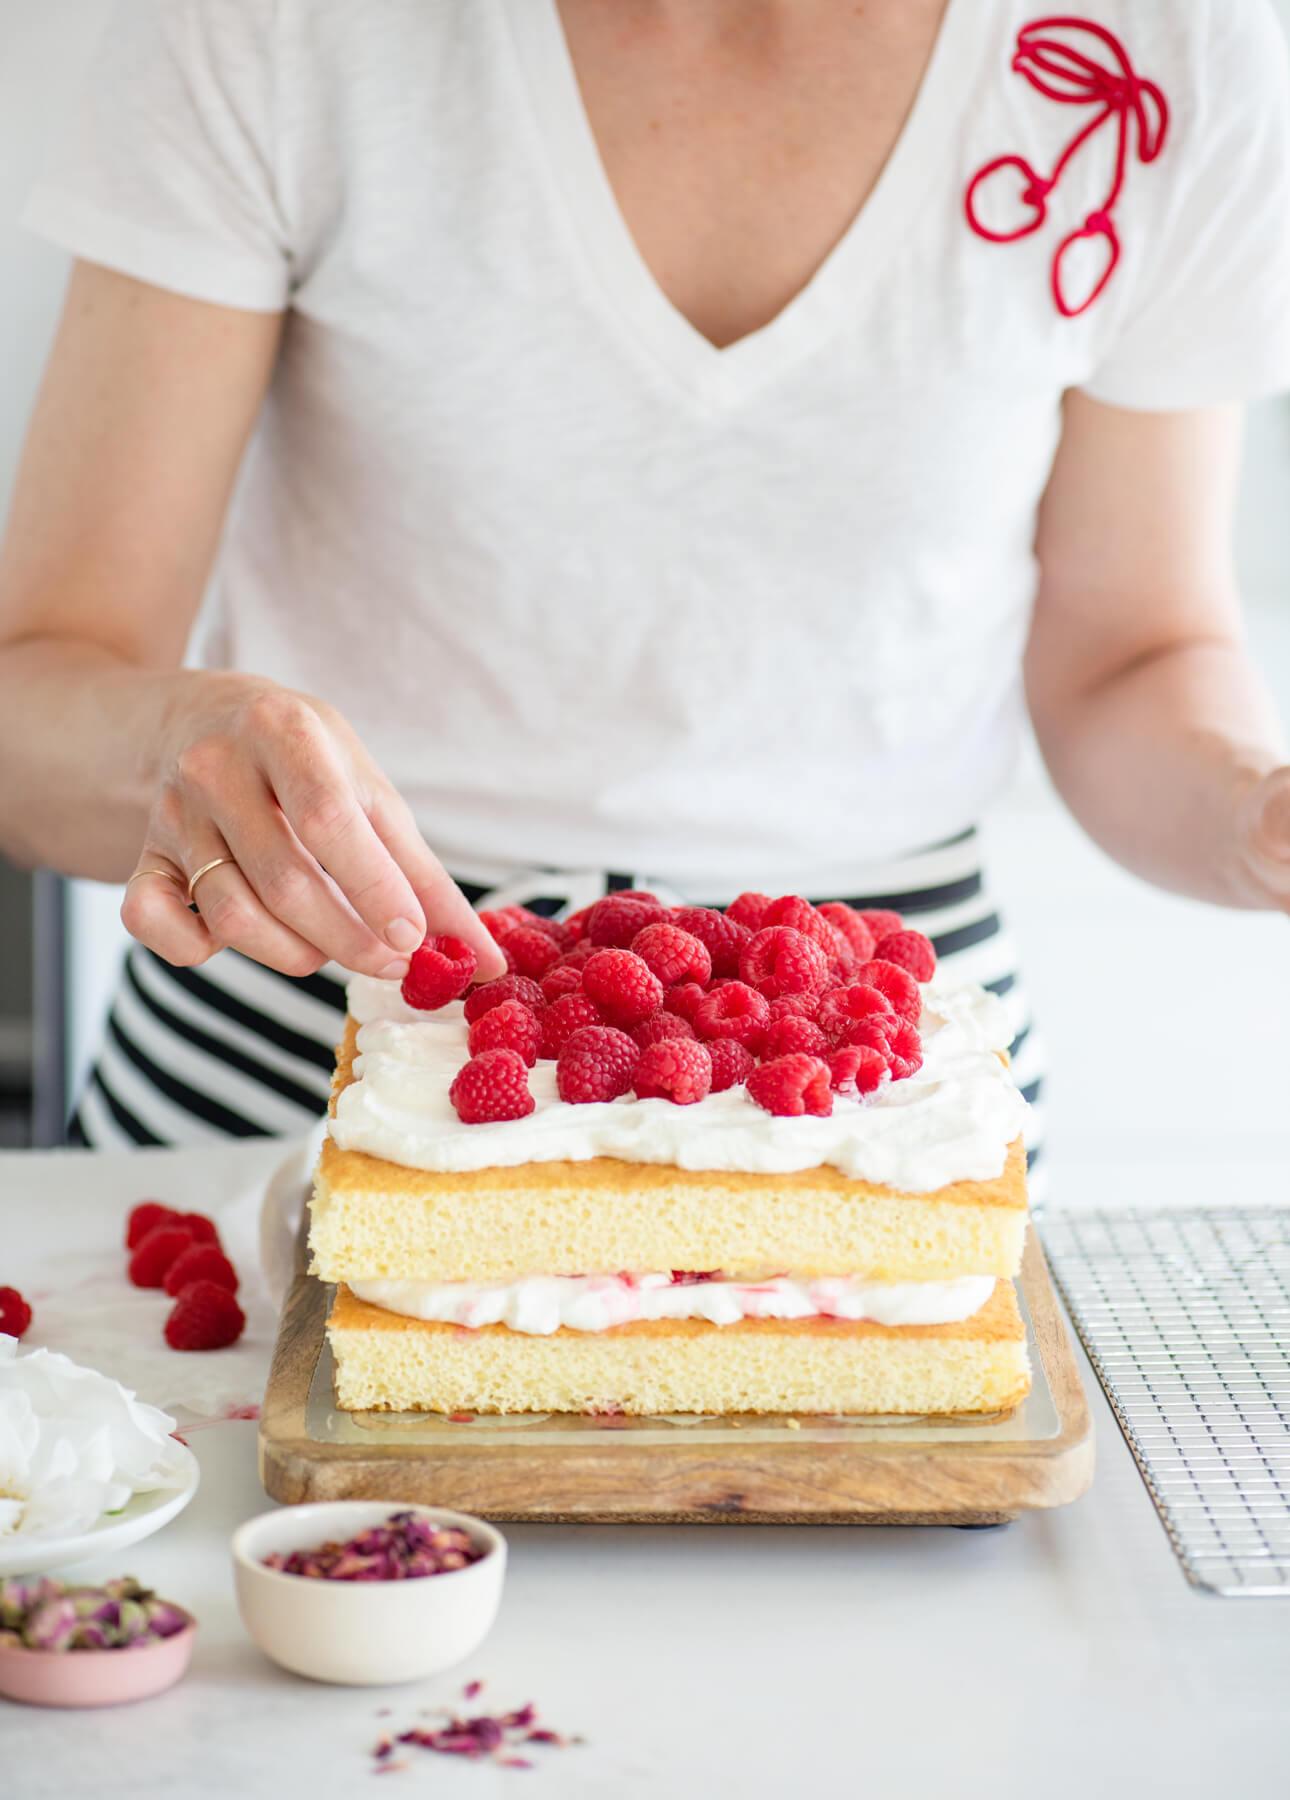 Easy, Versatile Layered Sheet Cake